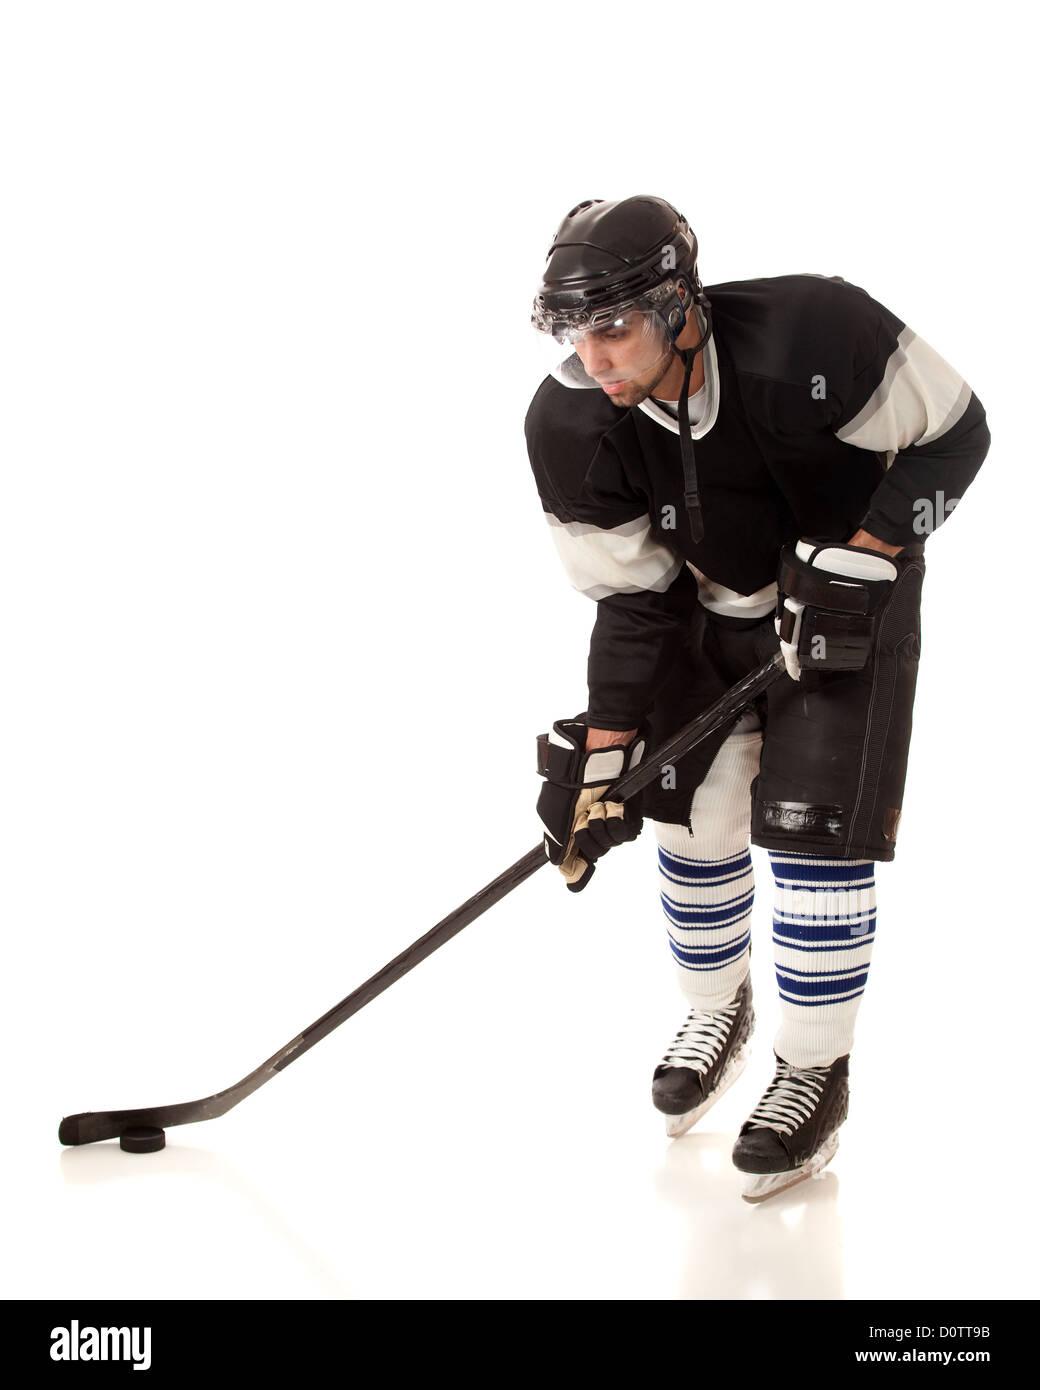 Jugador de Hockey sobre hielo. Imagen De Stock